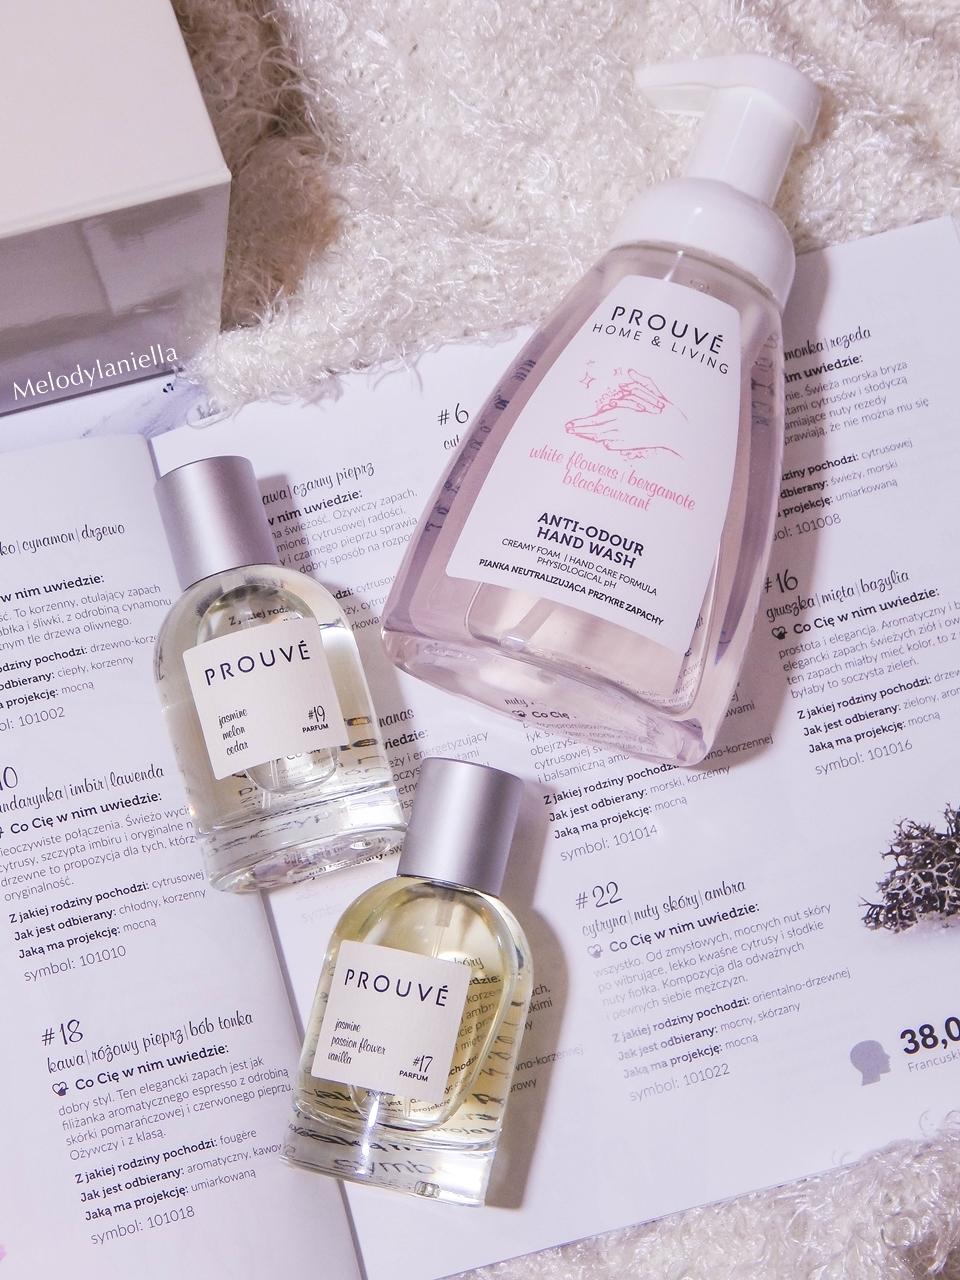 5 jak odebrac idealne perfumy perfumy na prezent duży wybór zapachów jak wybrać zapach perfum prouve perfumy polskie perfumowane kosmetyki do wnętrz jak utrzymać piękny zapach w domu